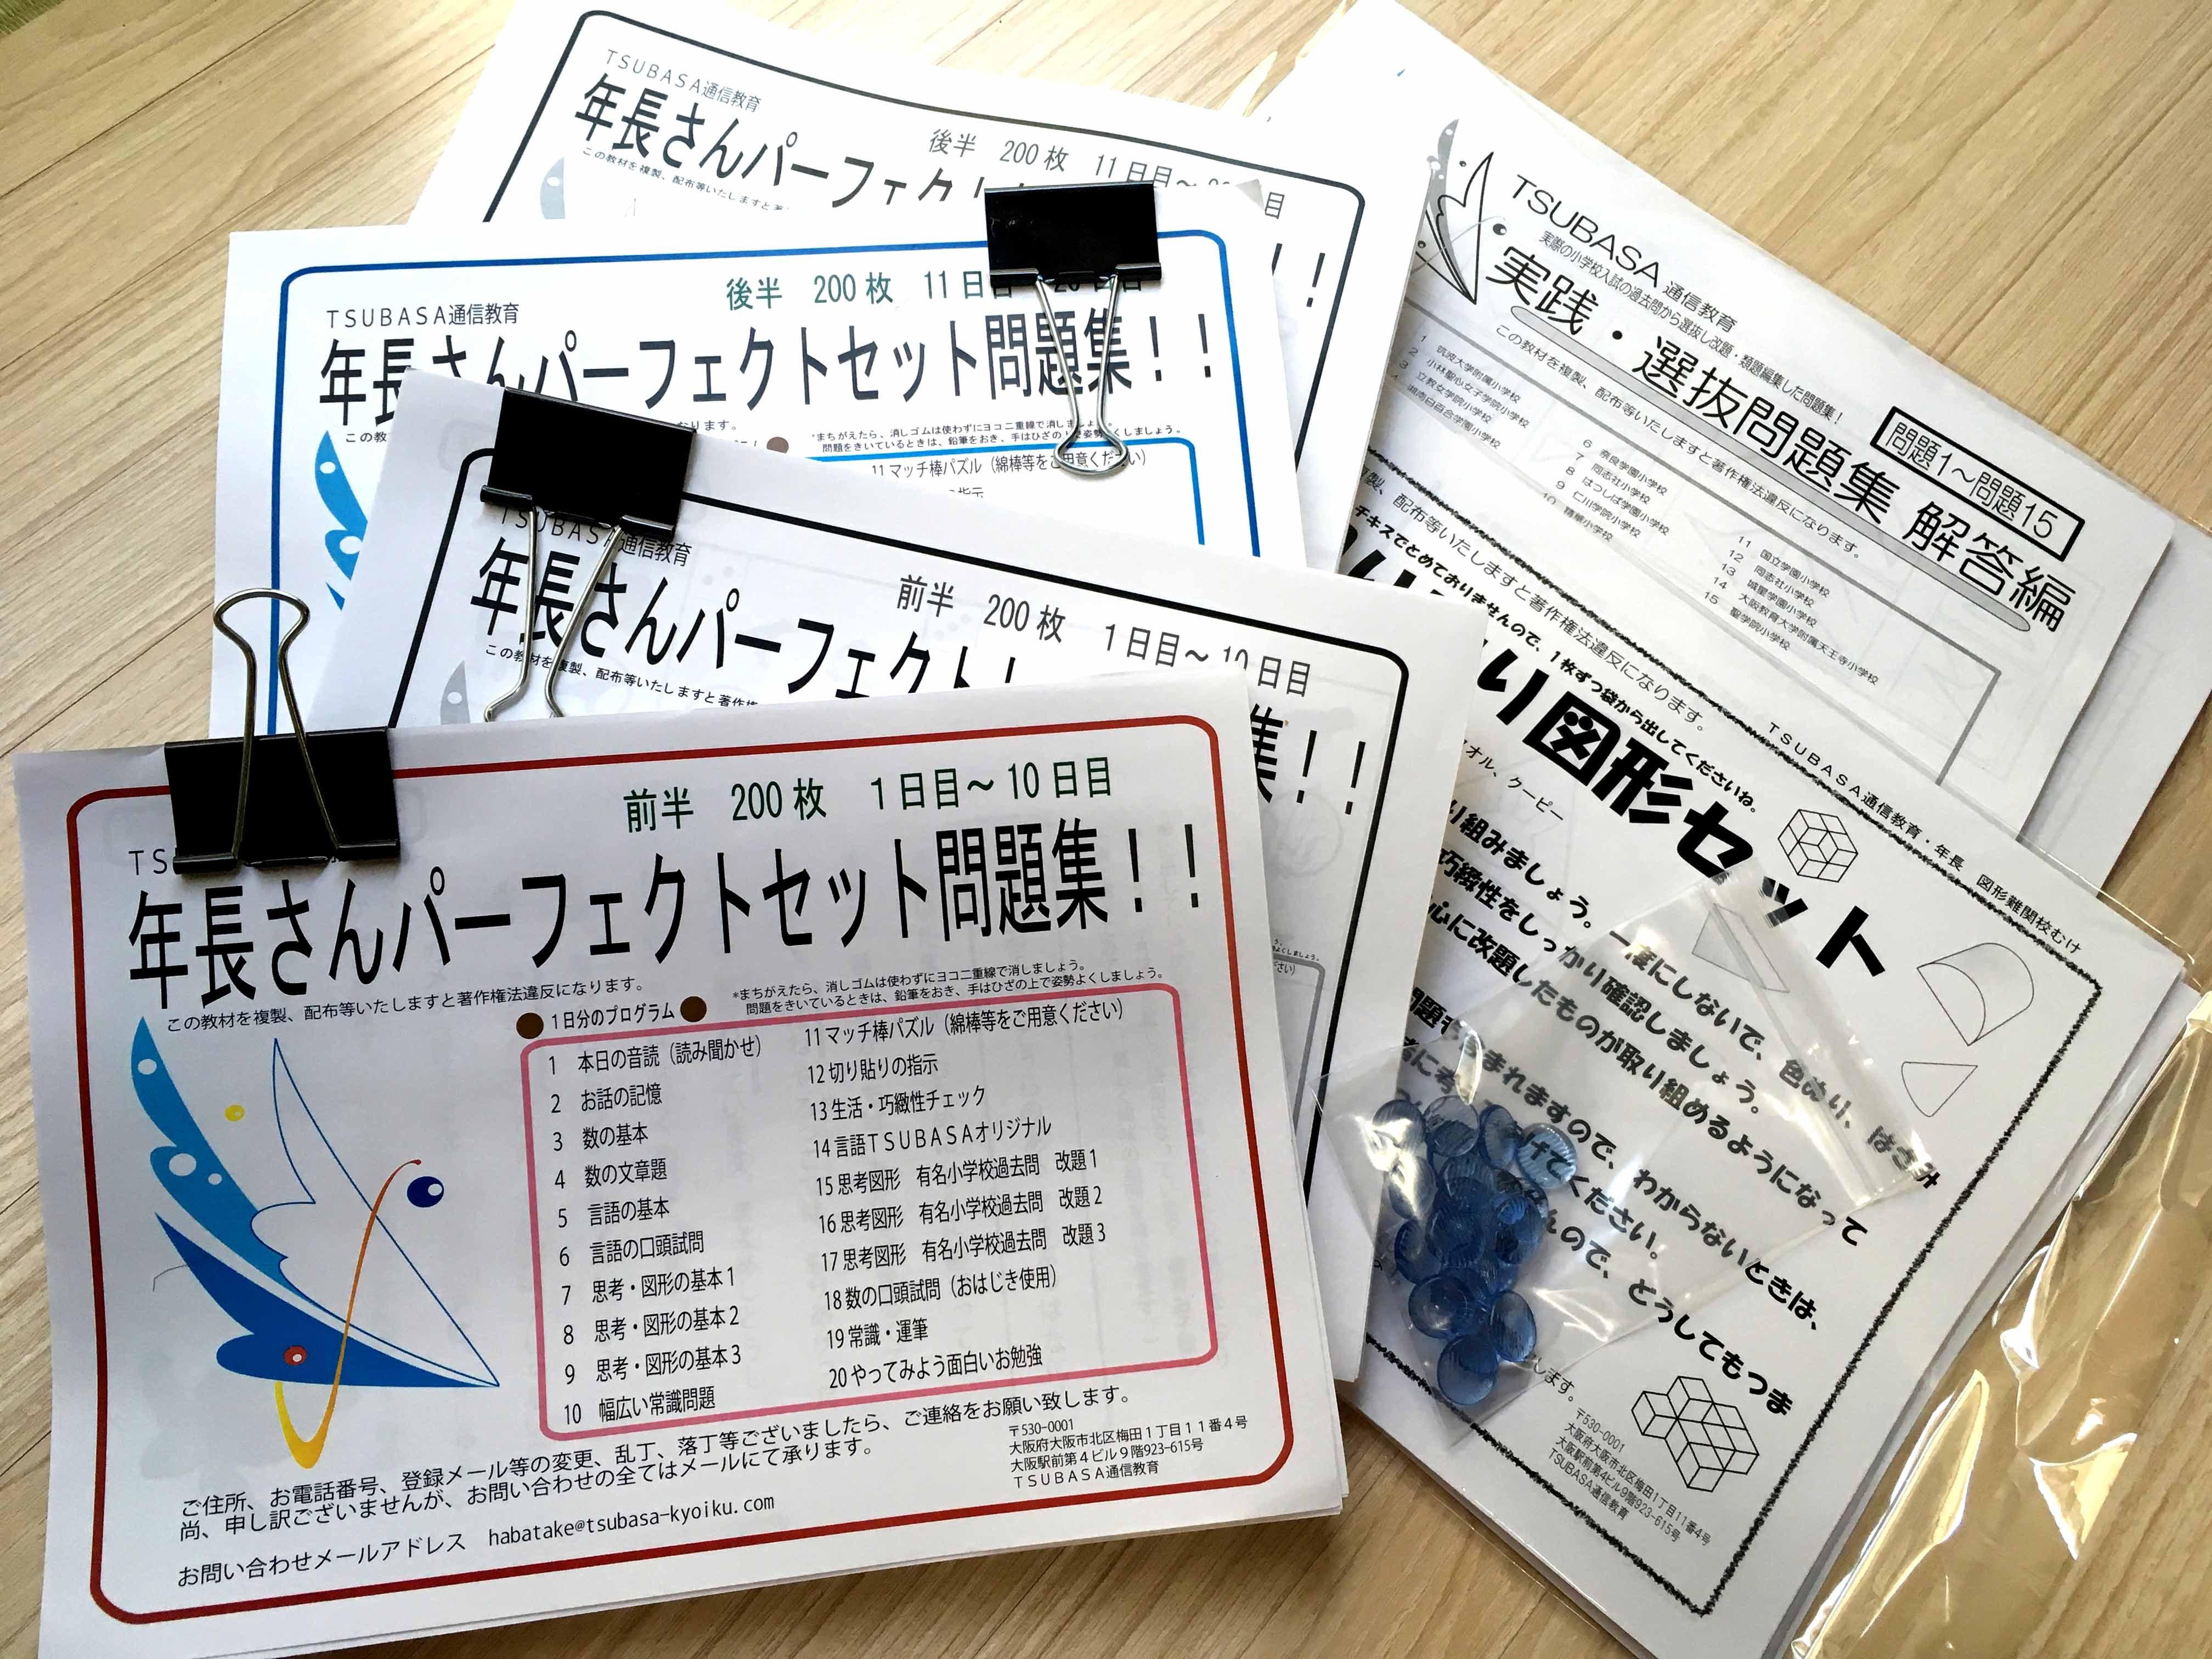 ペーパー難関校向けセット!!